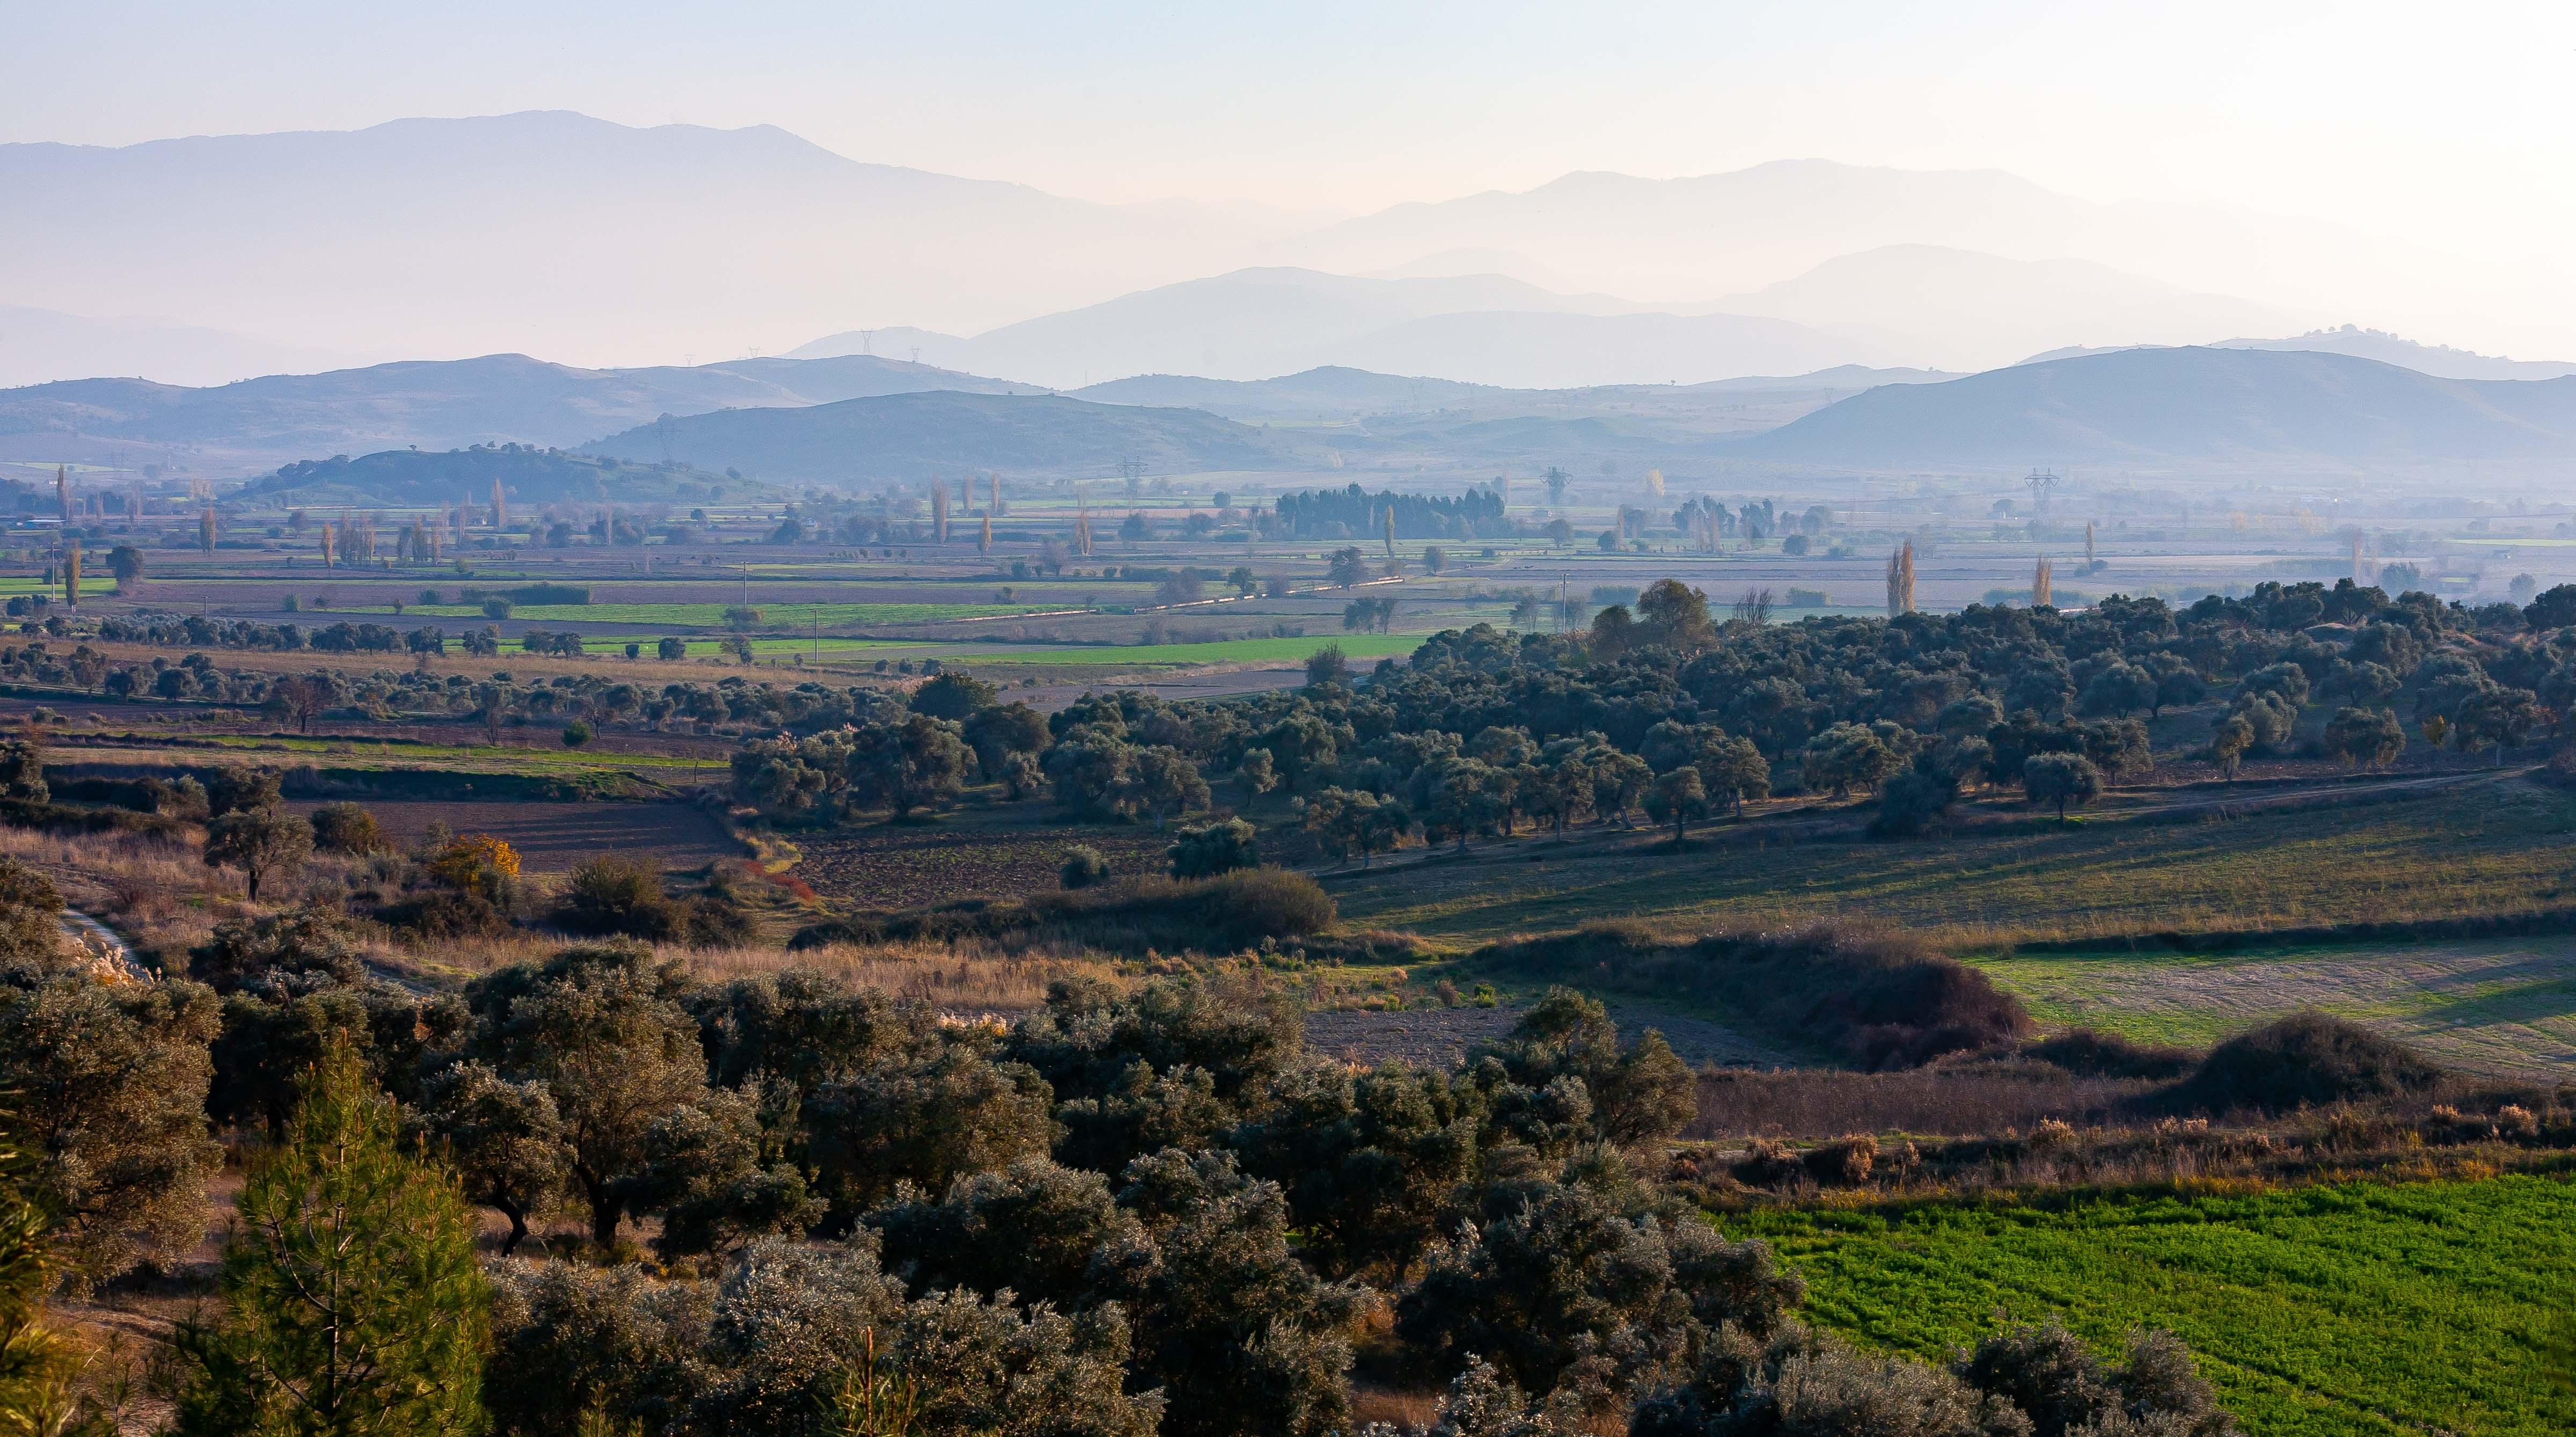 Turkey, Aydin Prov, Landscape, 2009, IMG 0432